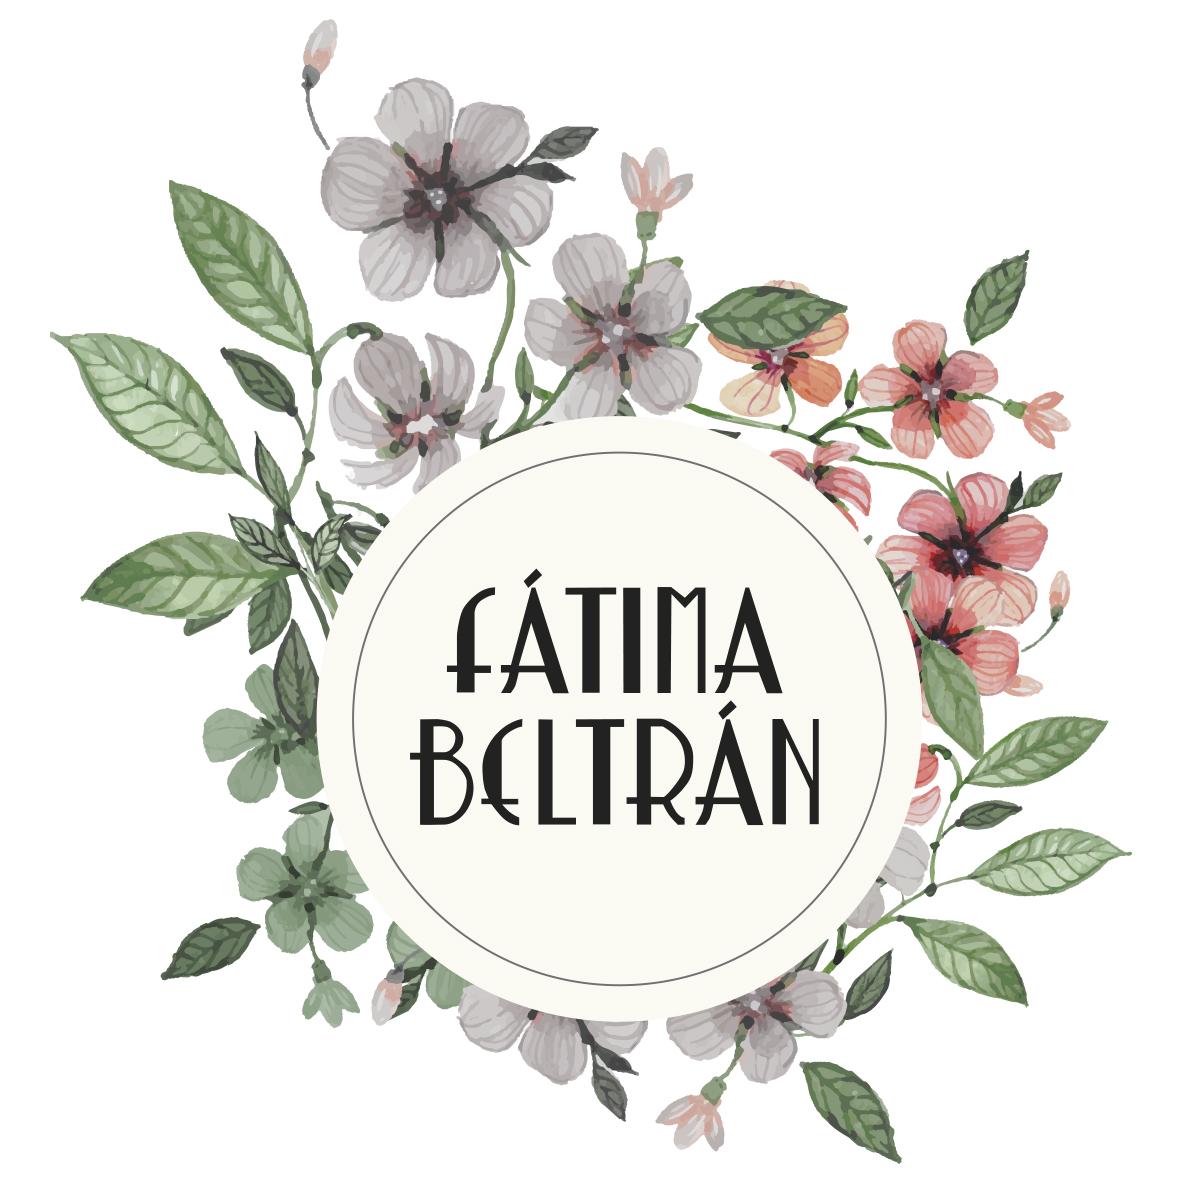 Fatima Beltrán